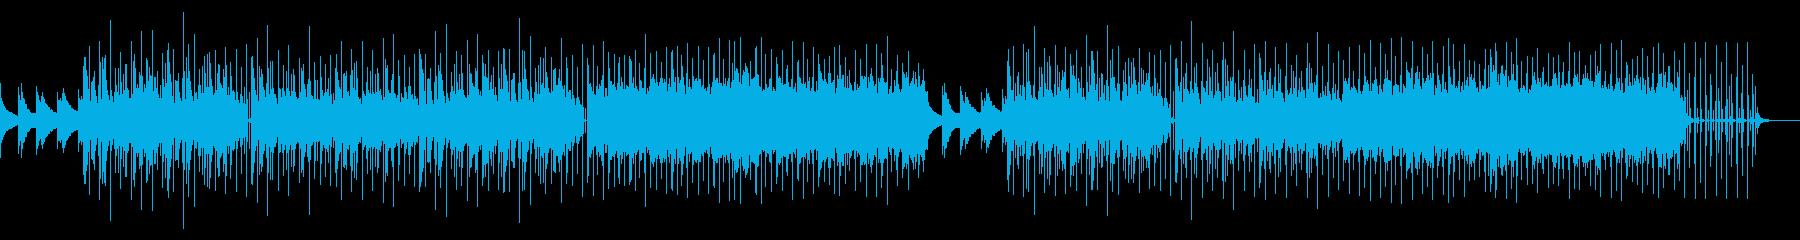 ノスタルジー 爽やか リラックス BGMの再生済みの波形